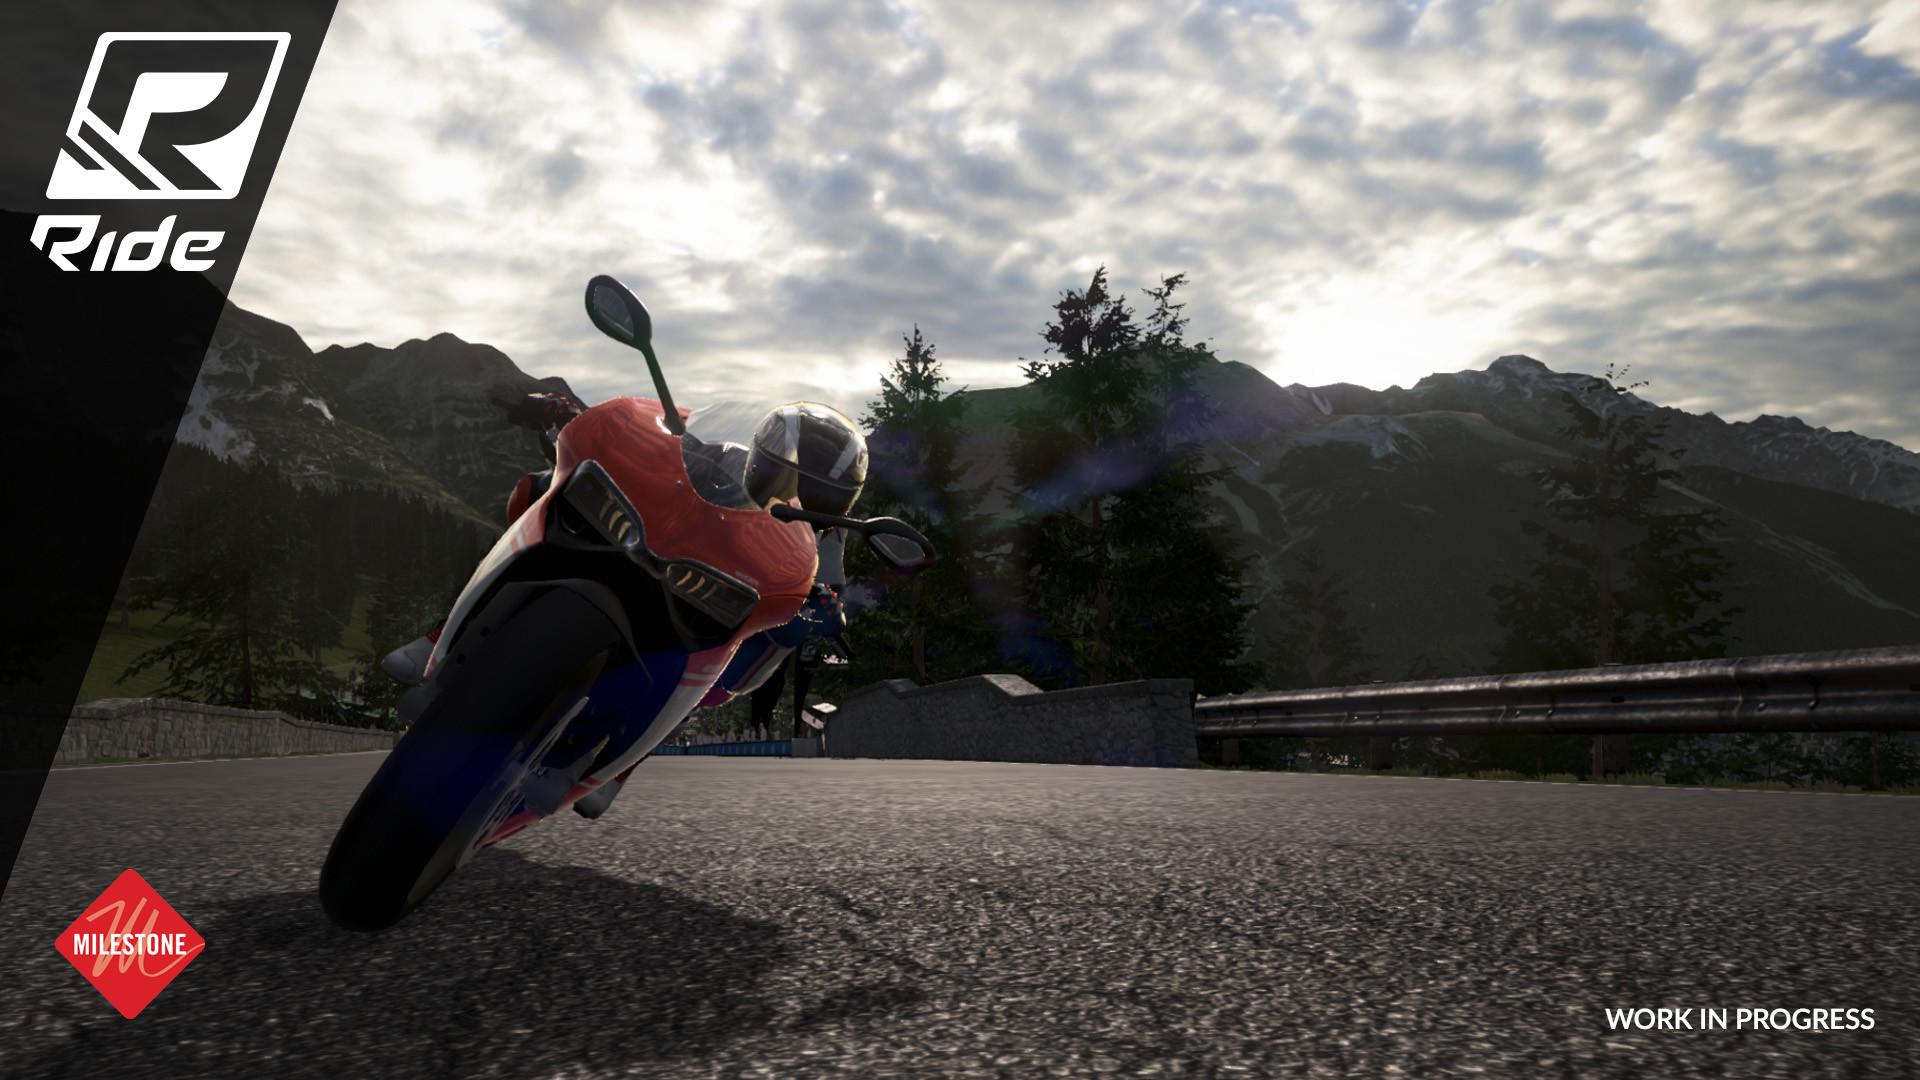 První obrázky z motocyklových závodů Ride 103203